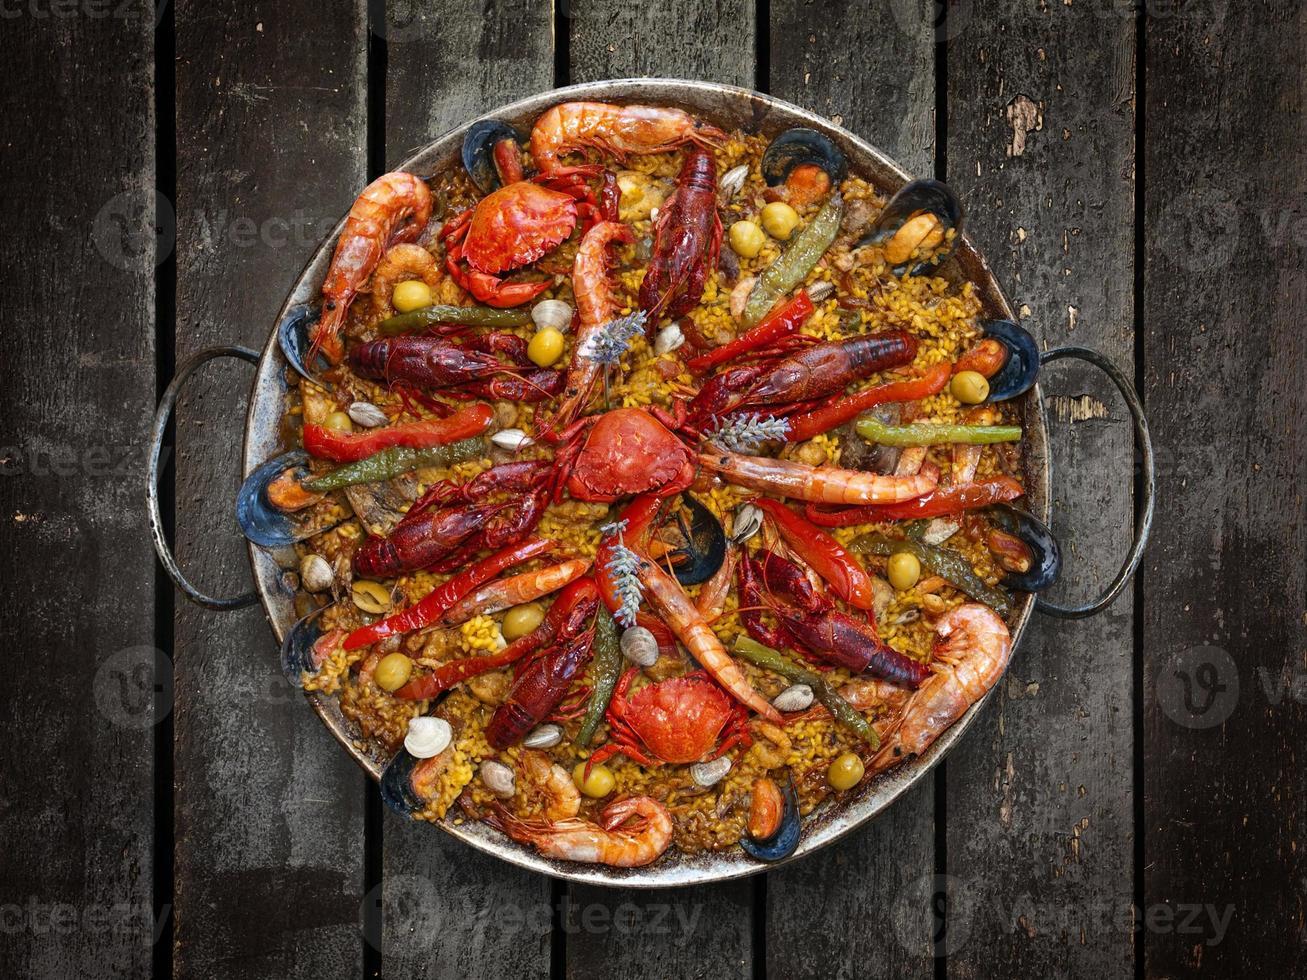 paella de fruits de mer traditionnelle espagnole photo